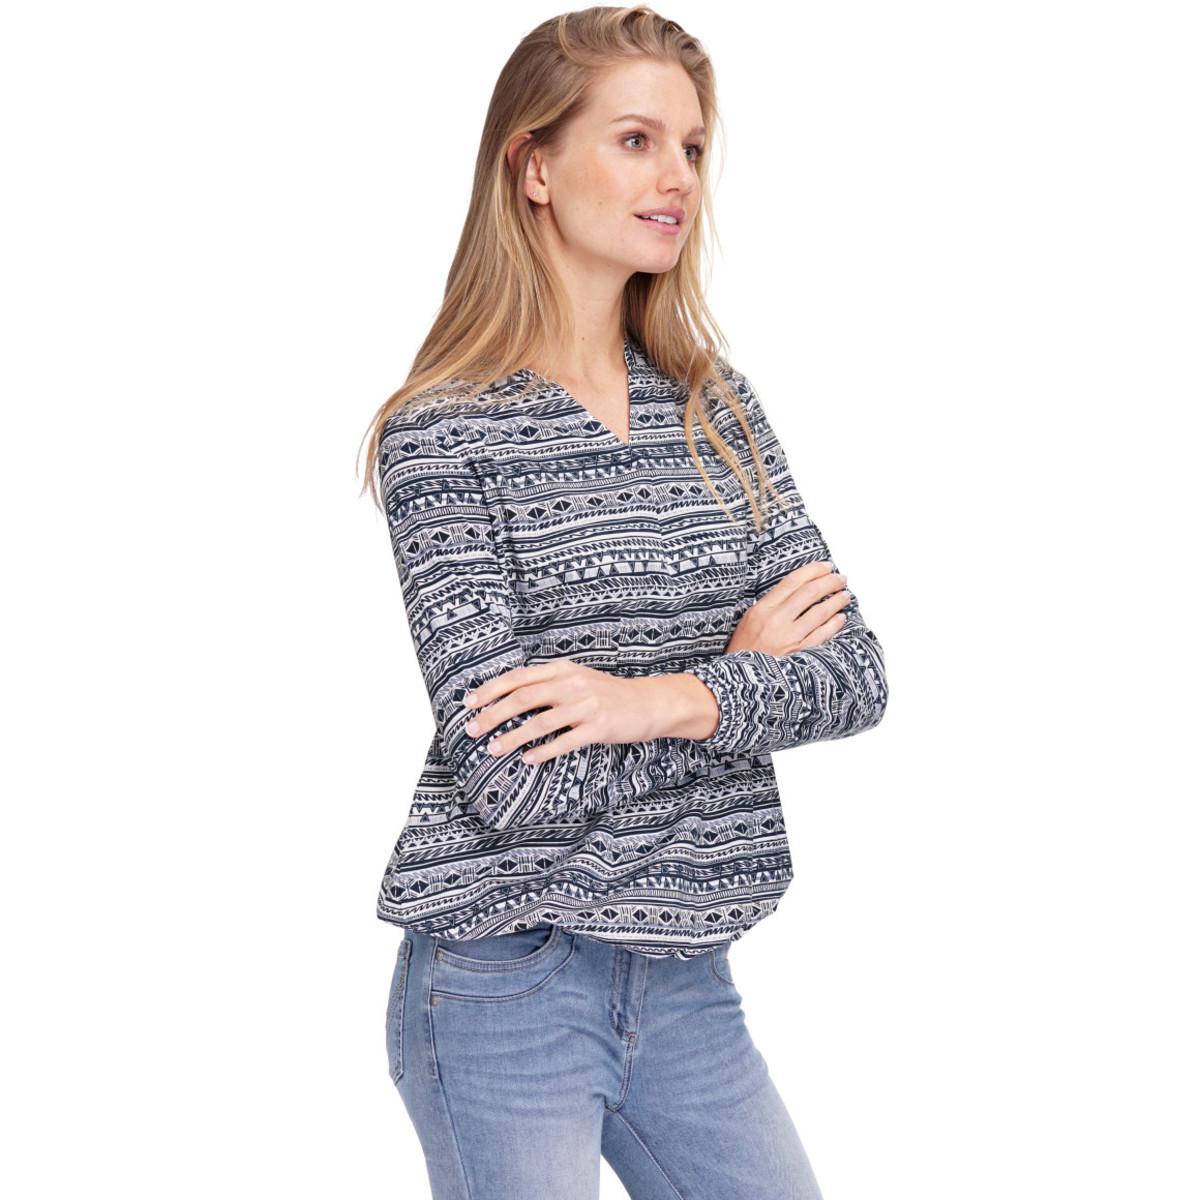 Bild 3 von Damen Langarmshirt mit Allover-Muster